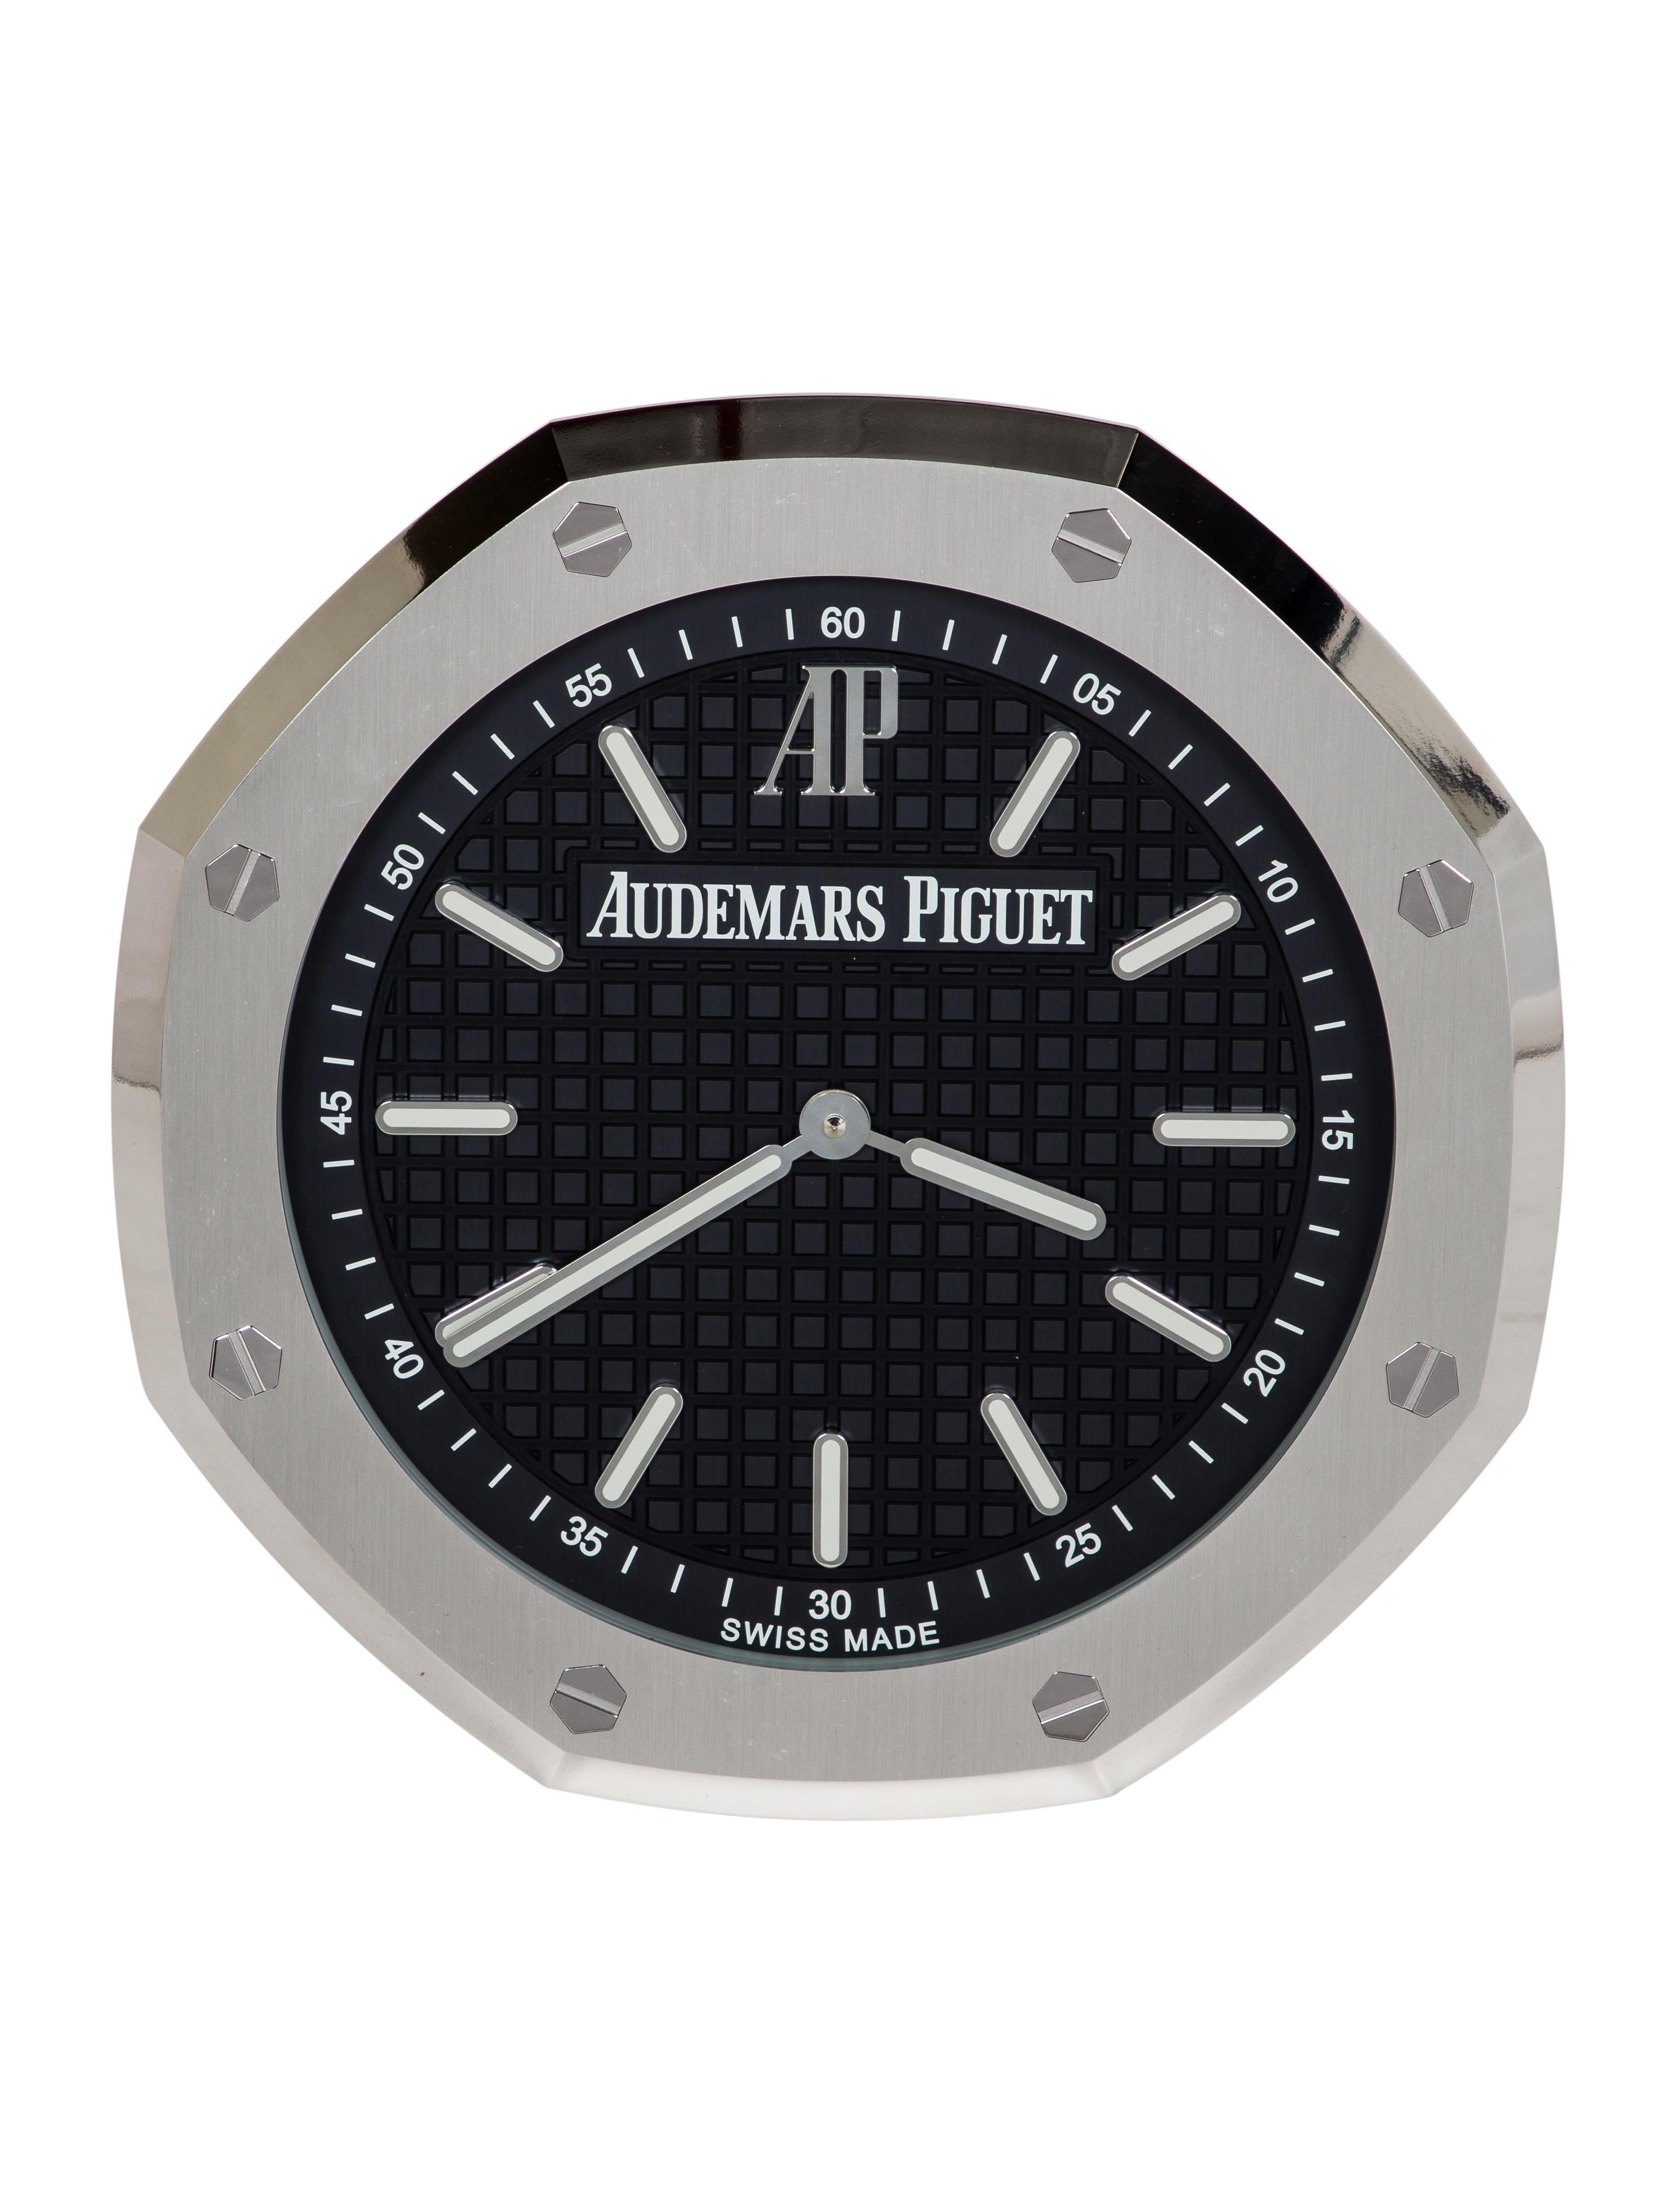 Audemars Piguet Royal Oak Wall Clock Decor And Accessories